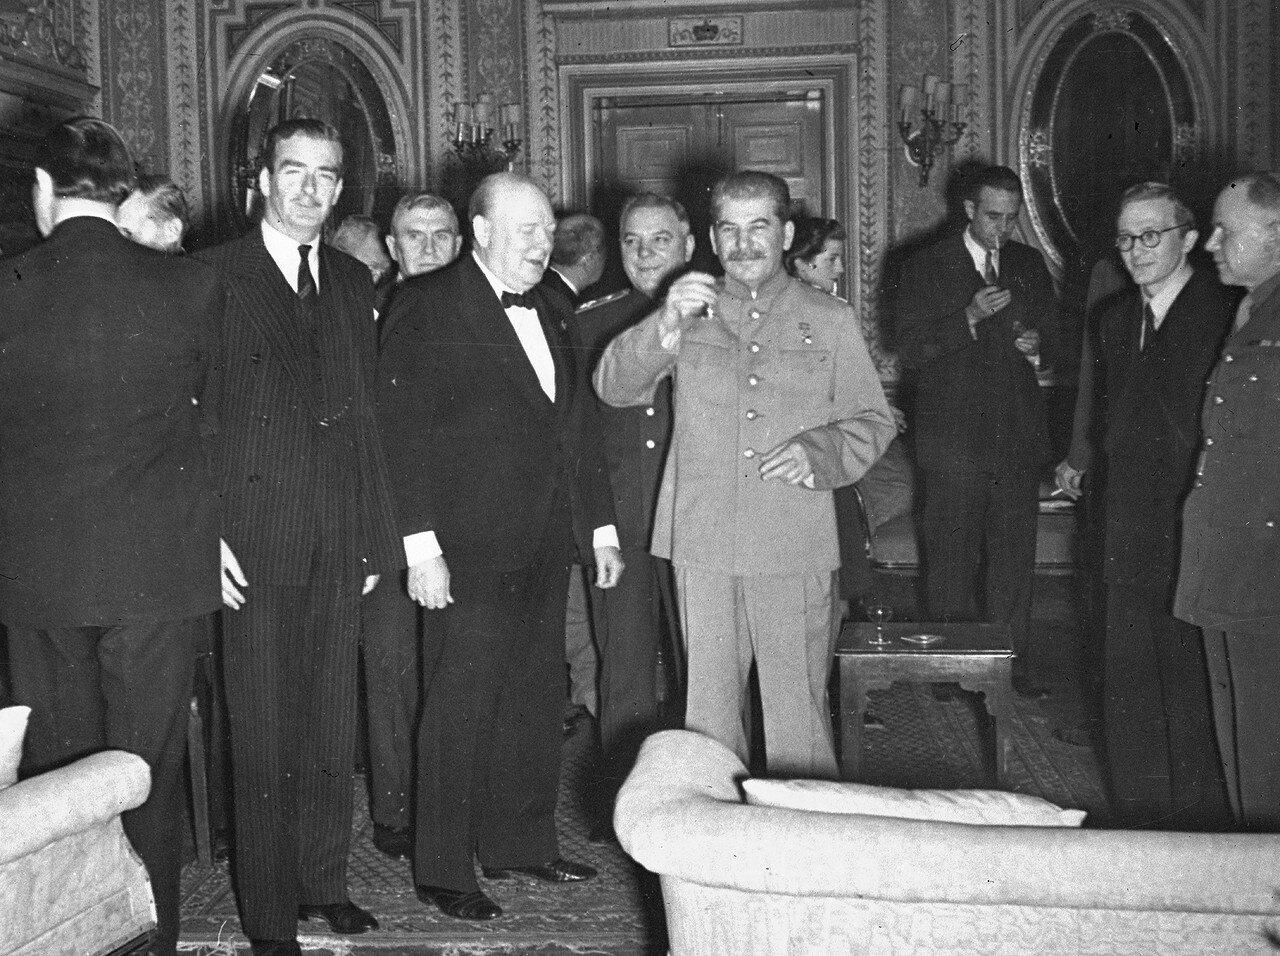 1943. Сталин произносит тост на дне рождении Черчилля во время Тегеранской конференции. 30 ноября